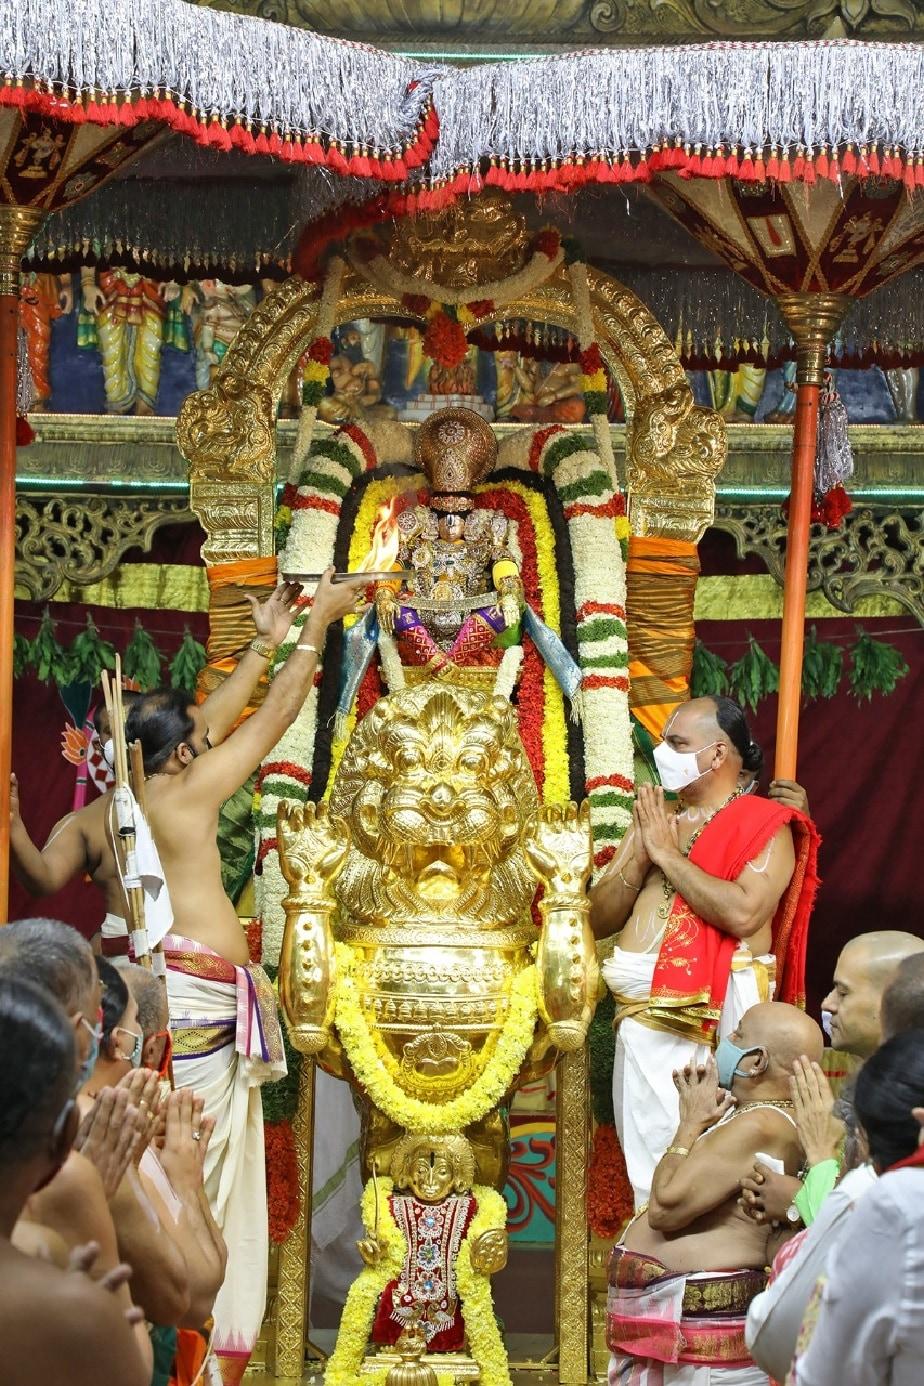 ಕೊರೋನಾ ಹಿನ್ನೆಲೆ ಅರ್ಚಕರು ಮಾಸ್ಕ್ ಧರಿಸಿ, ಸಾಮಾಜಿಕ ಅಂತರ ಕಾಯ್ದುಕೊಂಡು ಸ್ವಾಮಿಗೆ ಪೂಜೆ ಸಲ್ಲಿಸುತ್ತಿರುವ ದೃಶ್ಯ